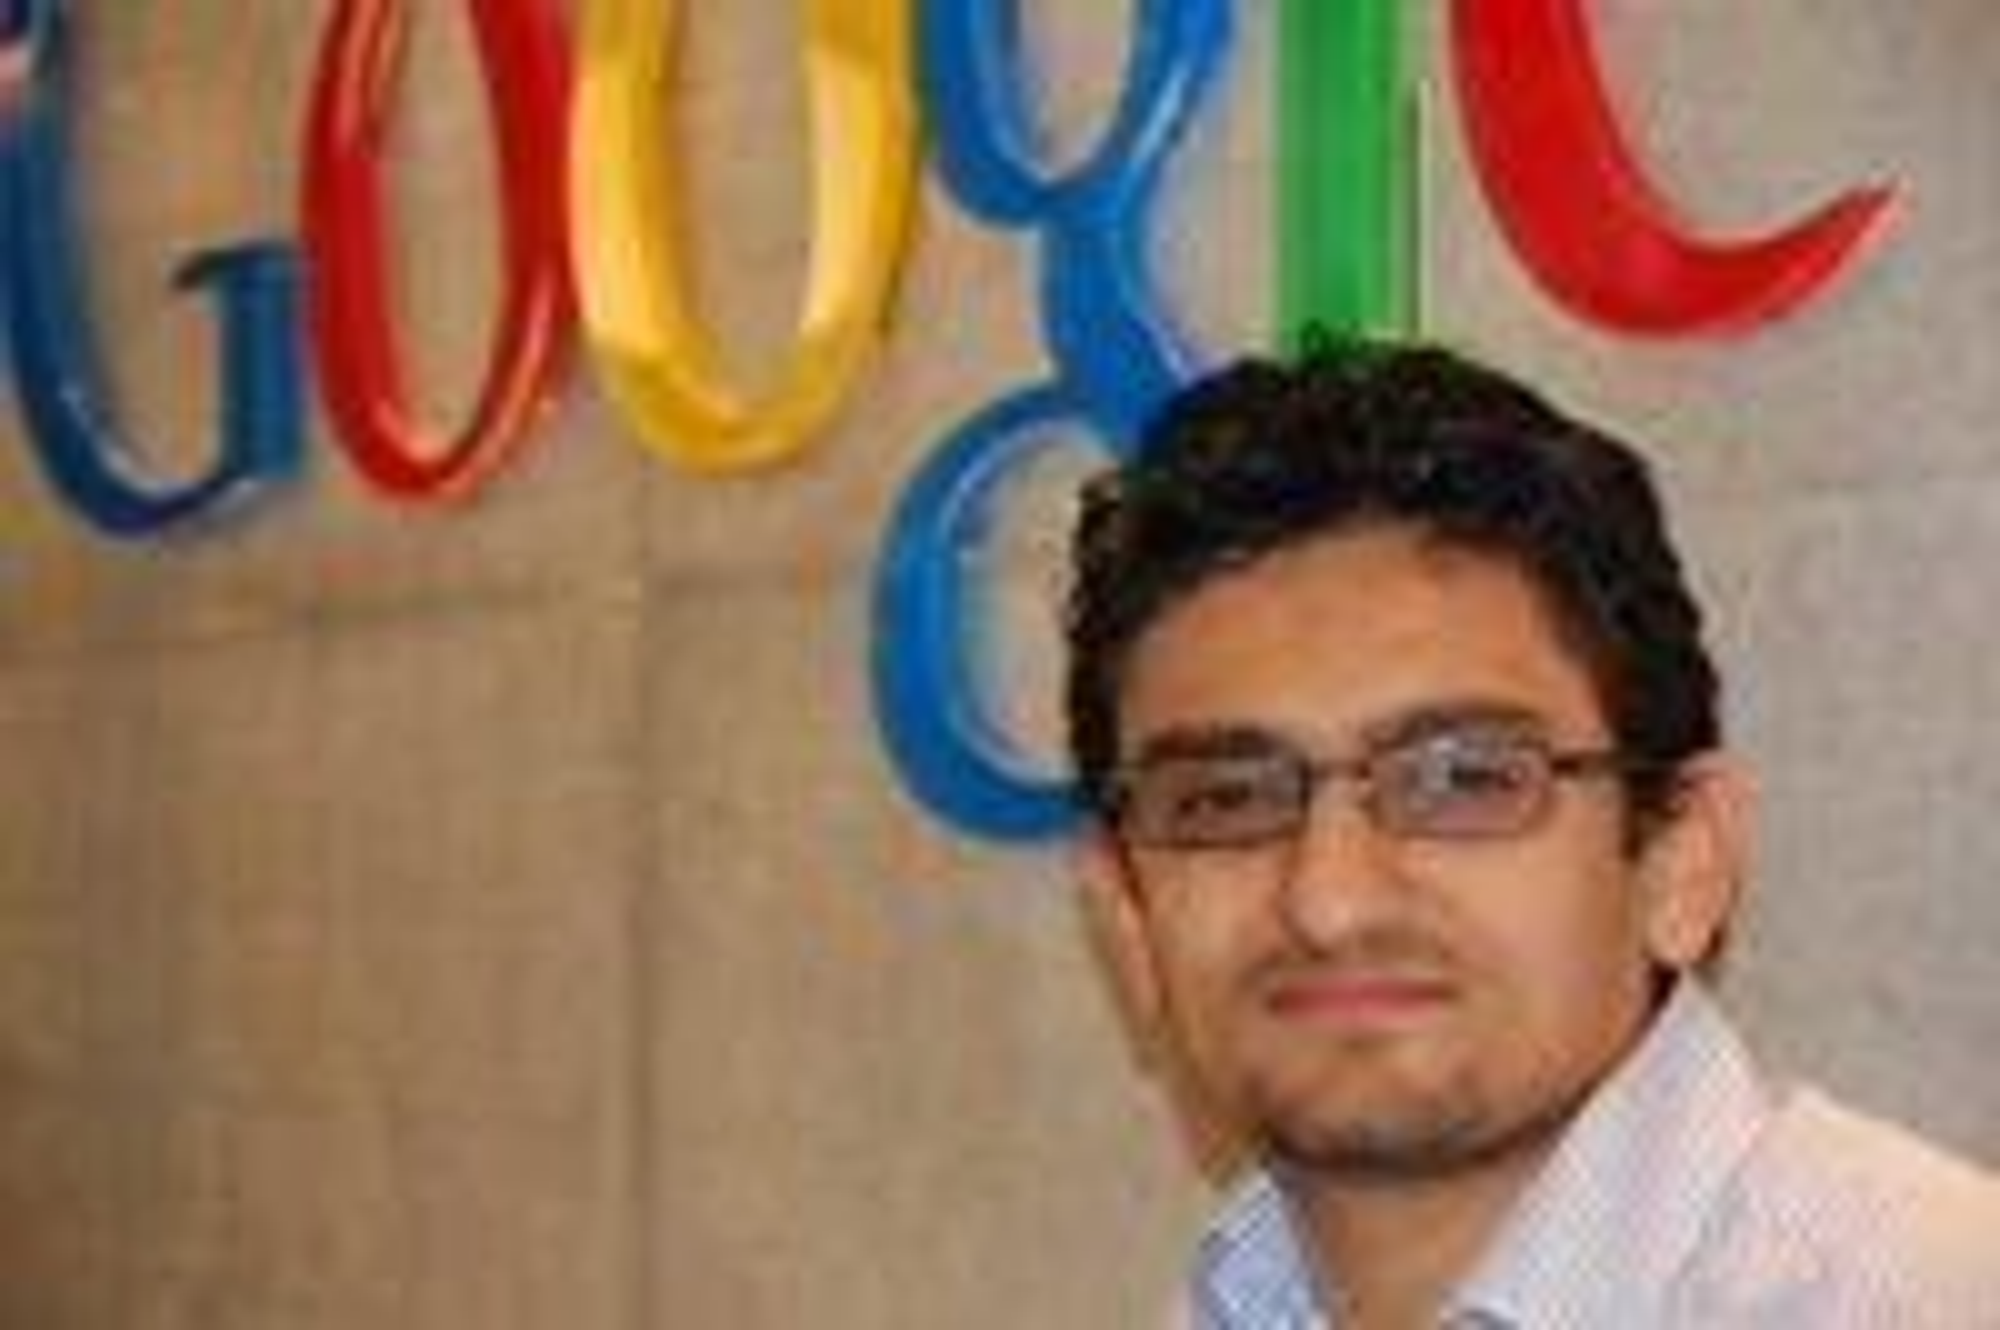 Google-sjef Wael Ghonim brukte sosiale medier aktivt i kampen mot det egyptiske regimet.